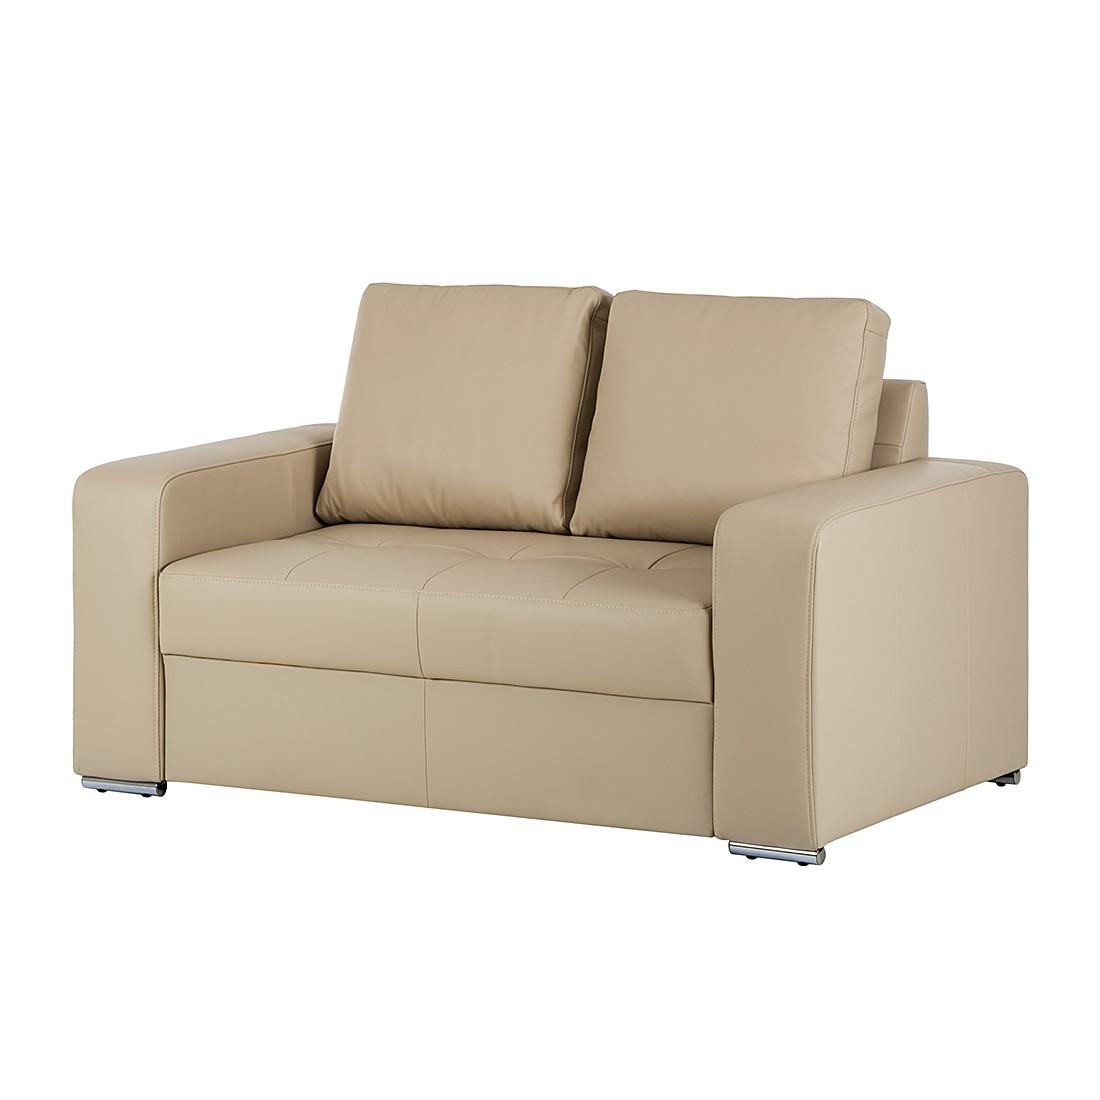 Sofa Giglio (2-Sitzer) – Echtleder Beige, Nuovoform günstig online kaufen